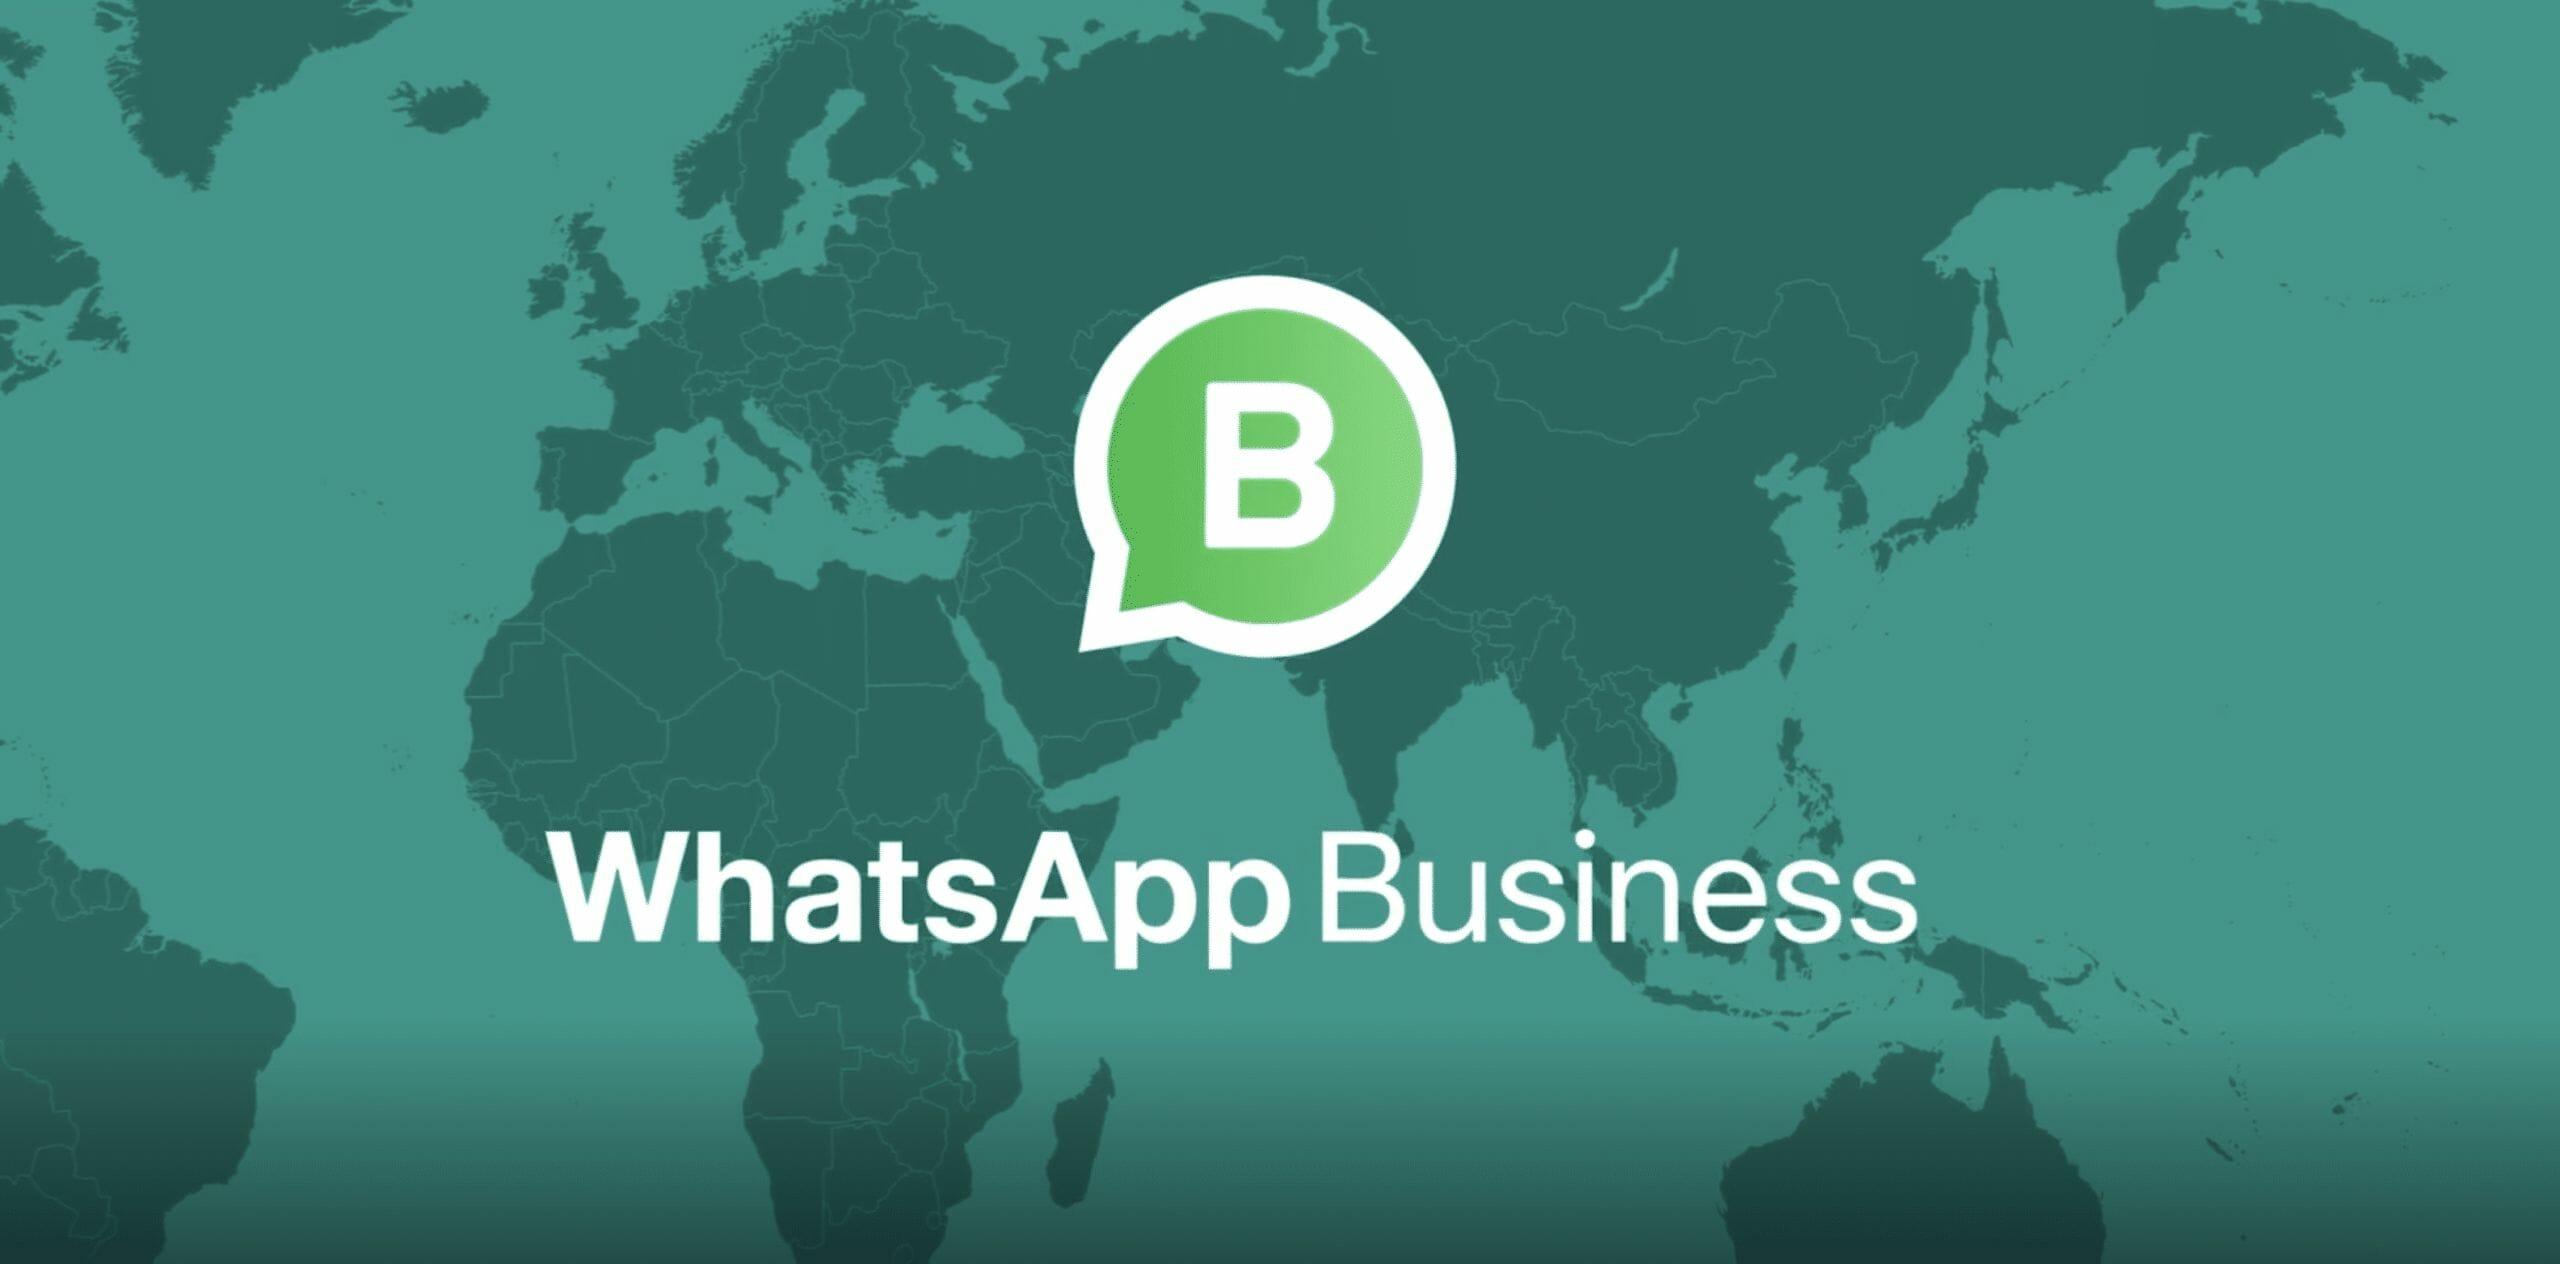 واتساب للاعمال WhatsApp Business